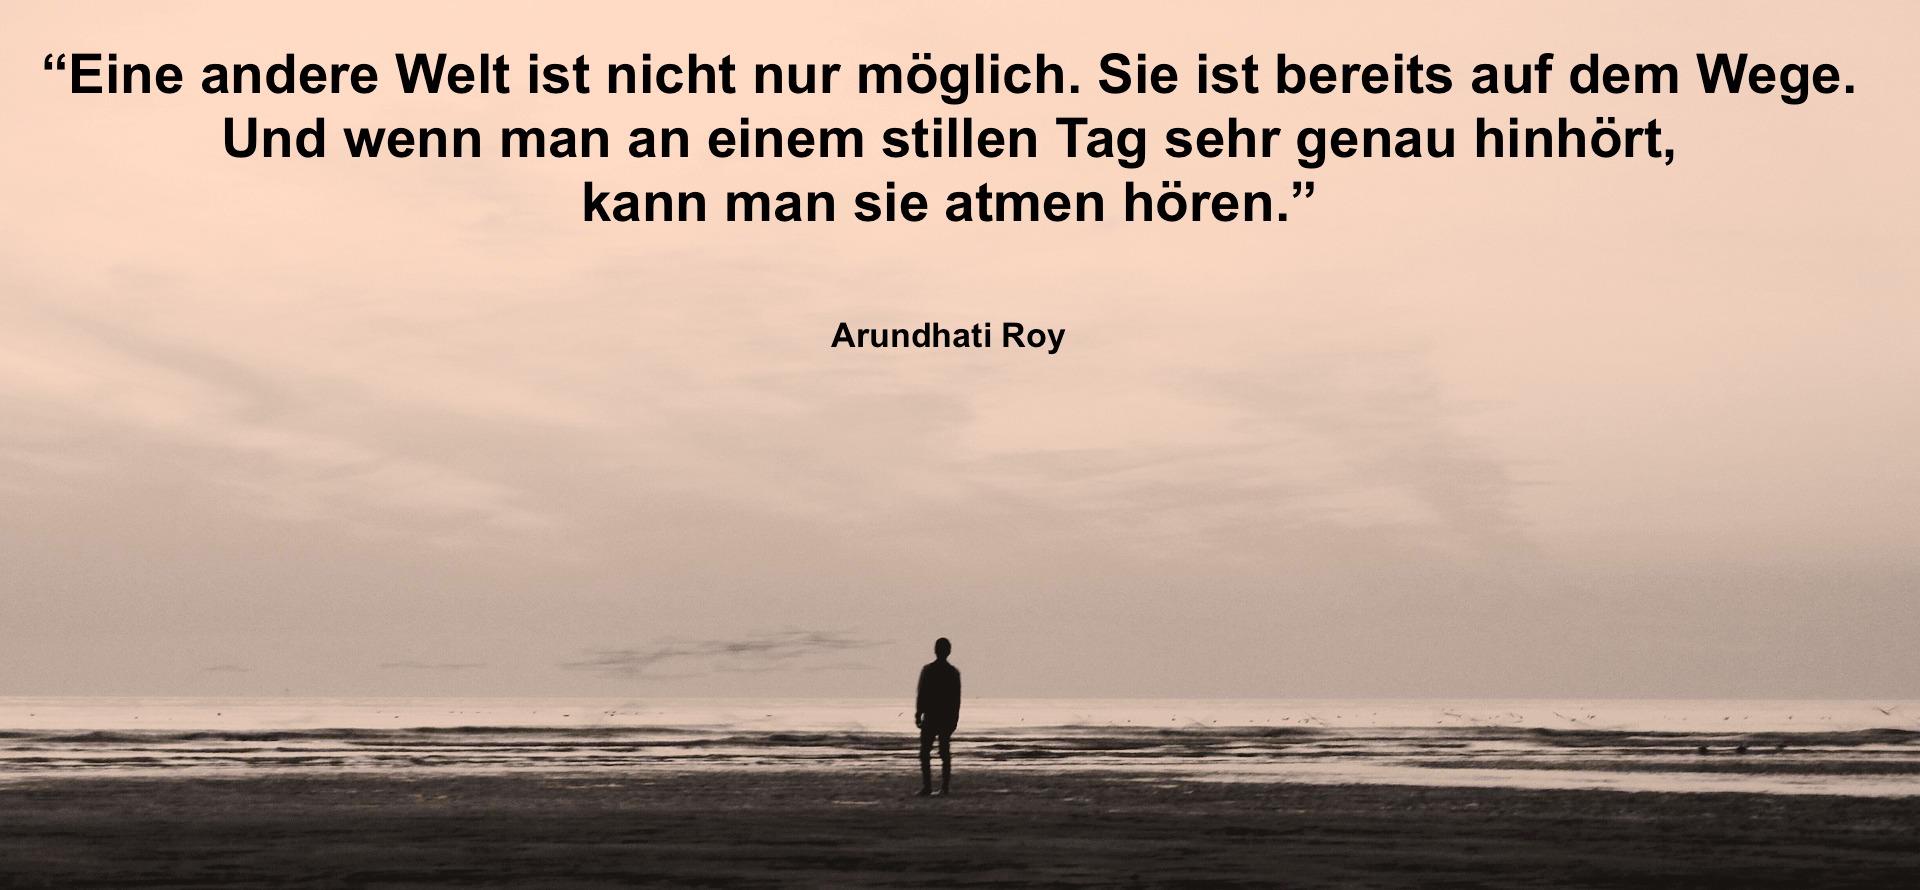 Neue_Welt_A-Roy